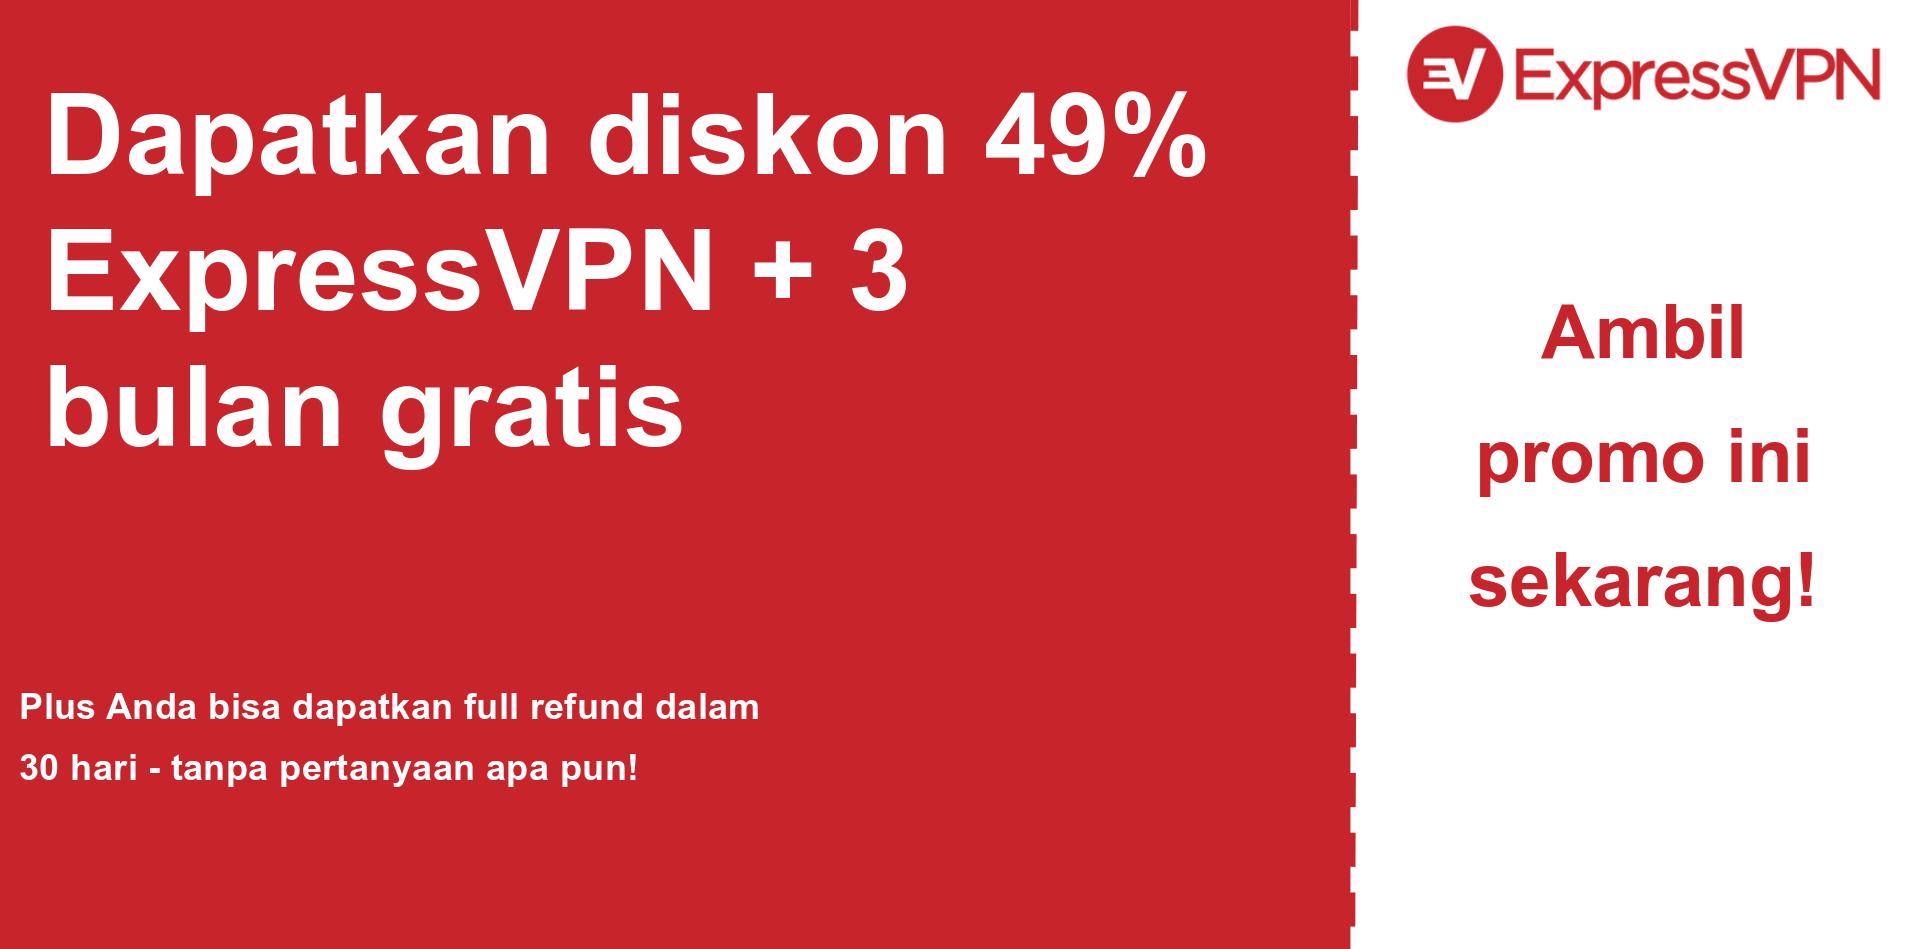 grafik banner kupon utama ExpressVPN yang menunjukkan diskon 49%